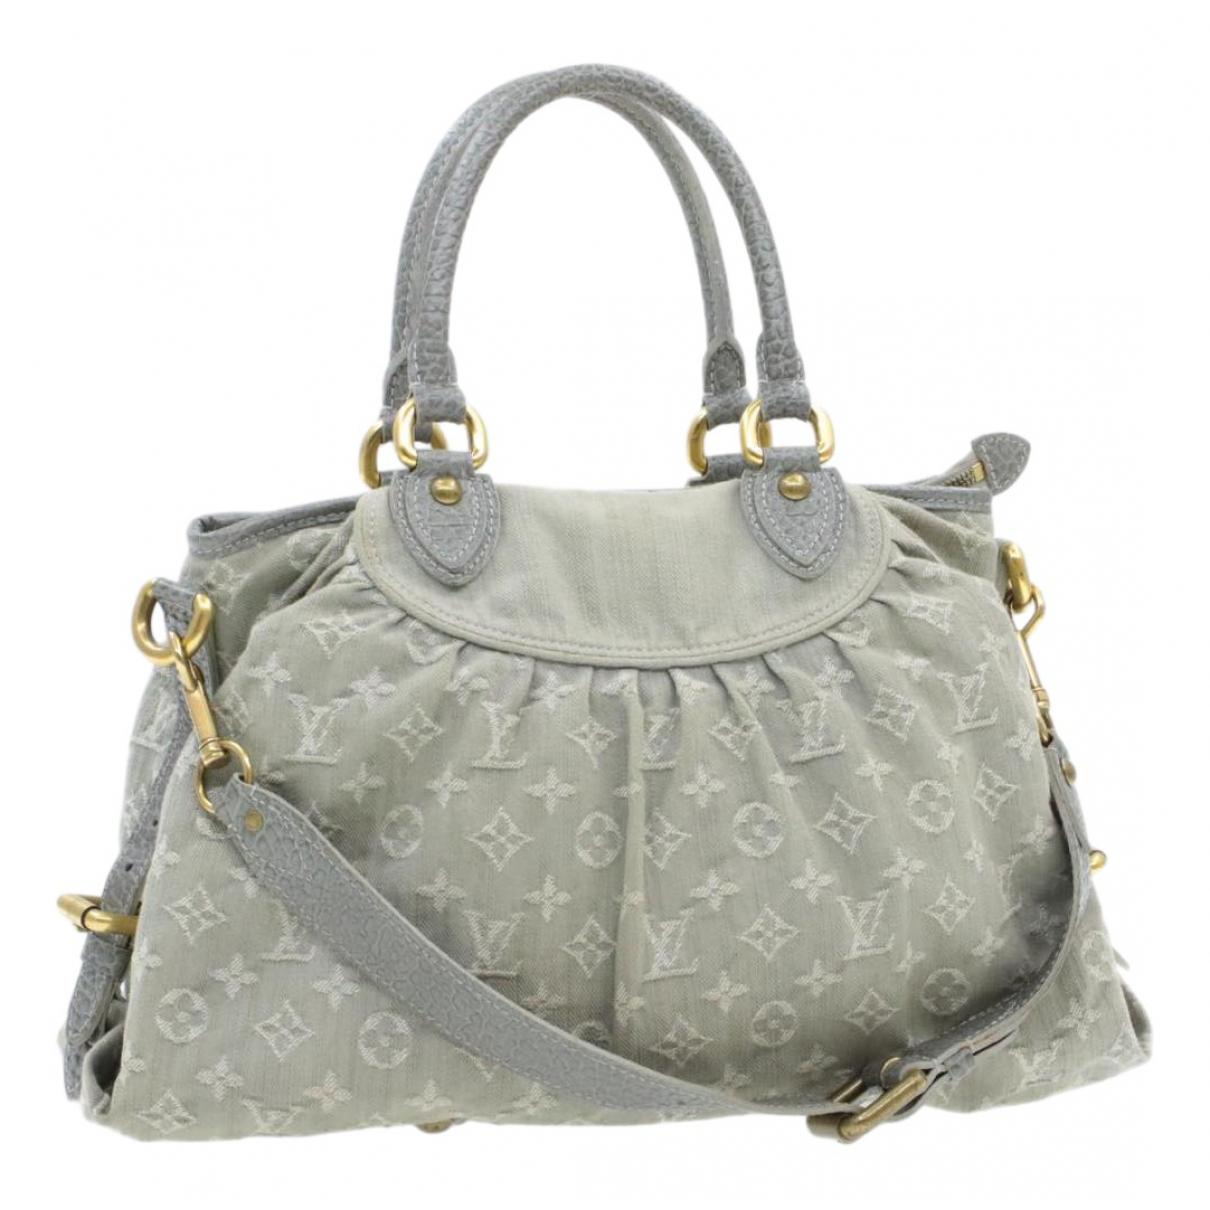 Louis Vuitton \N Grey Cloth handbag for Women \N